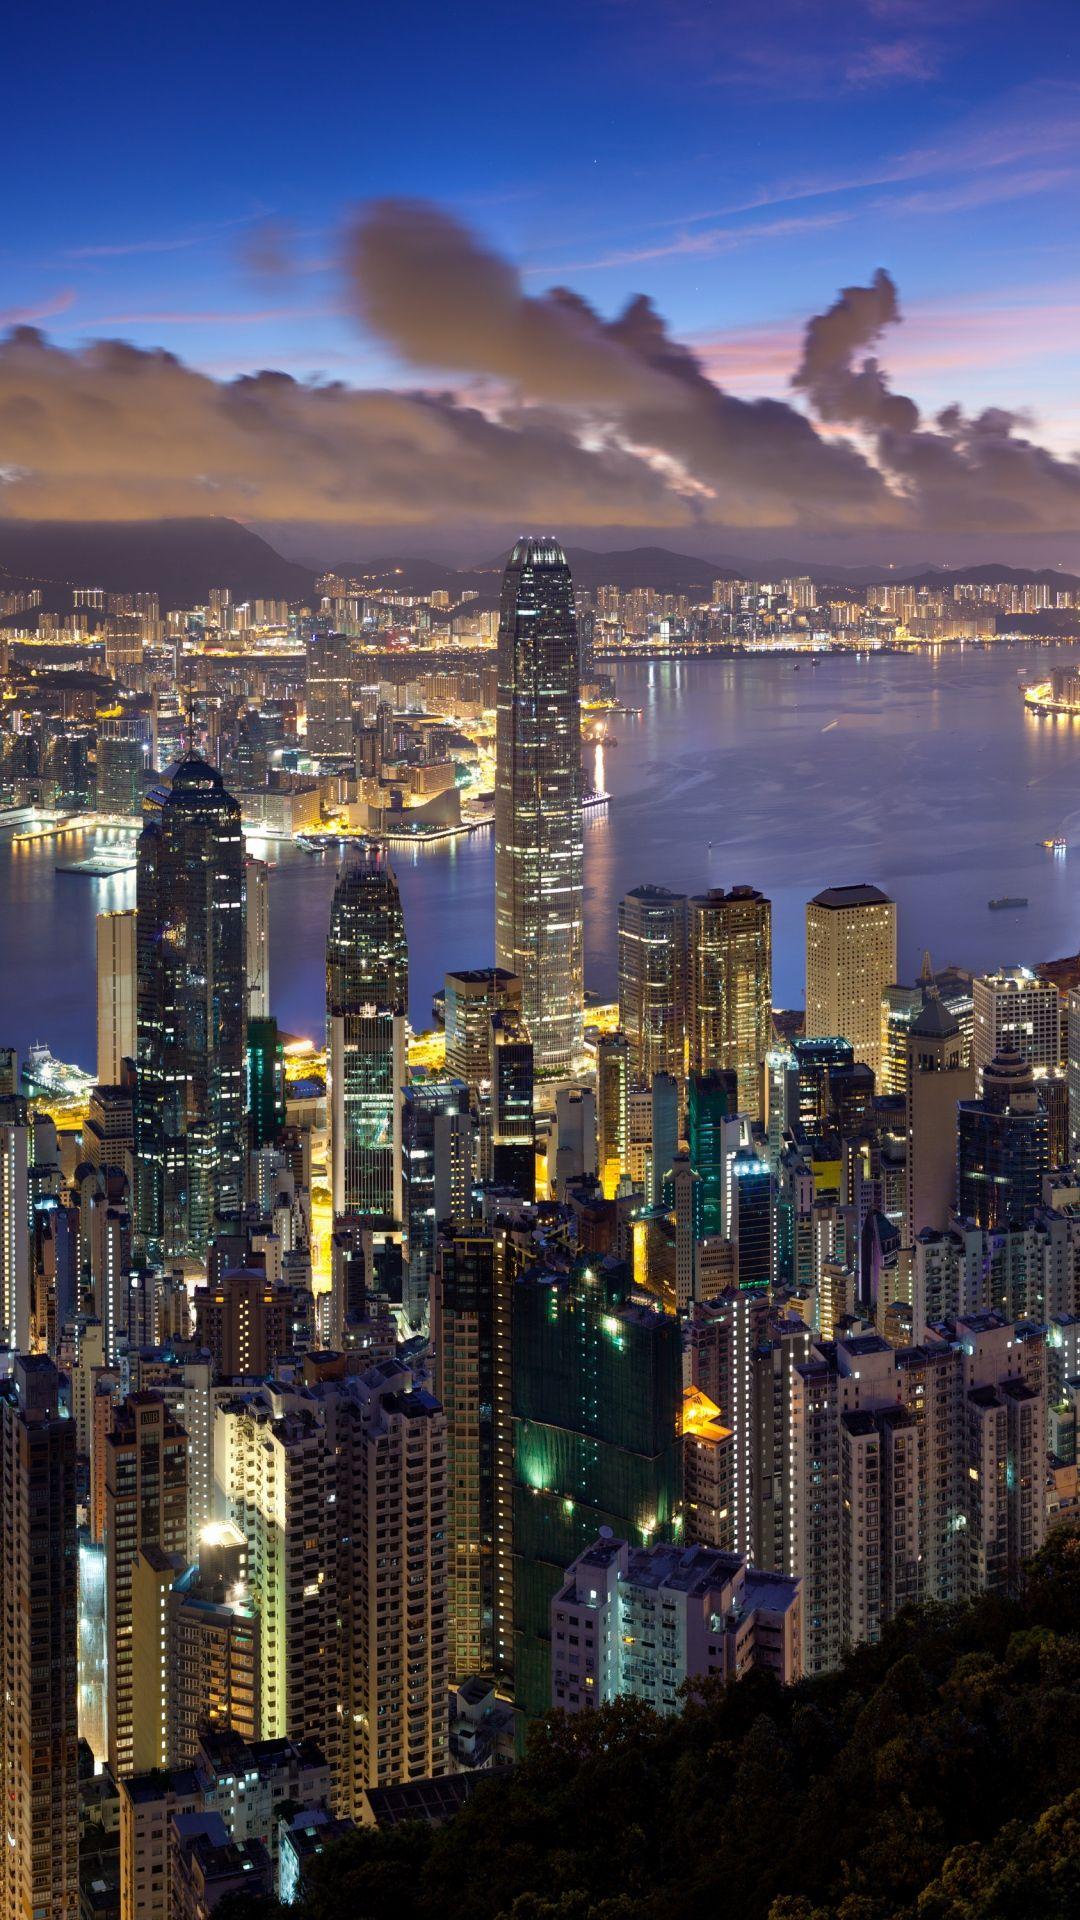 Wallpaper City Hong Kong Night Clouds Lights Hong Kong Night Hong Kong Travel City